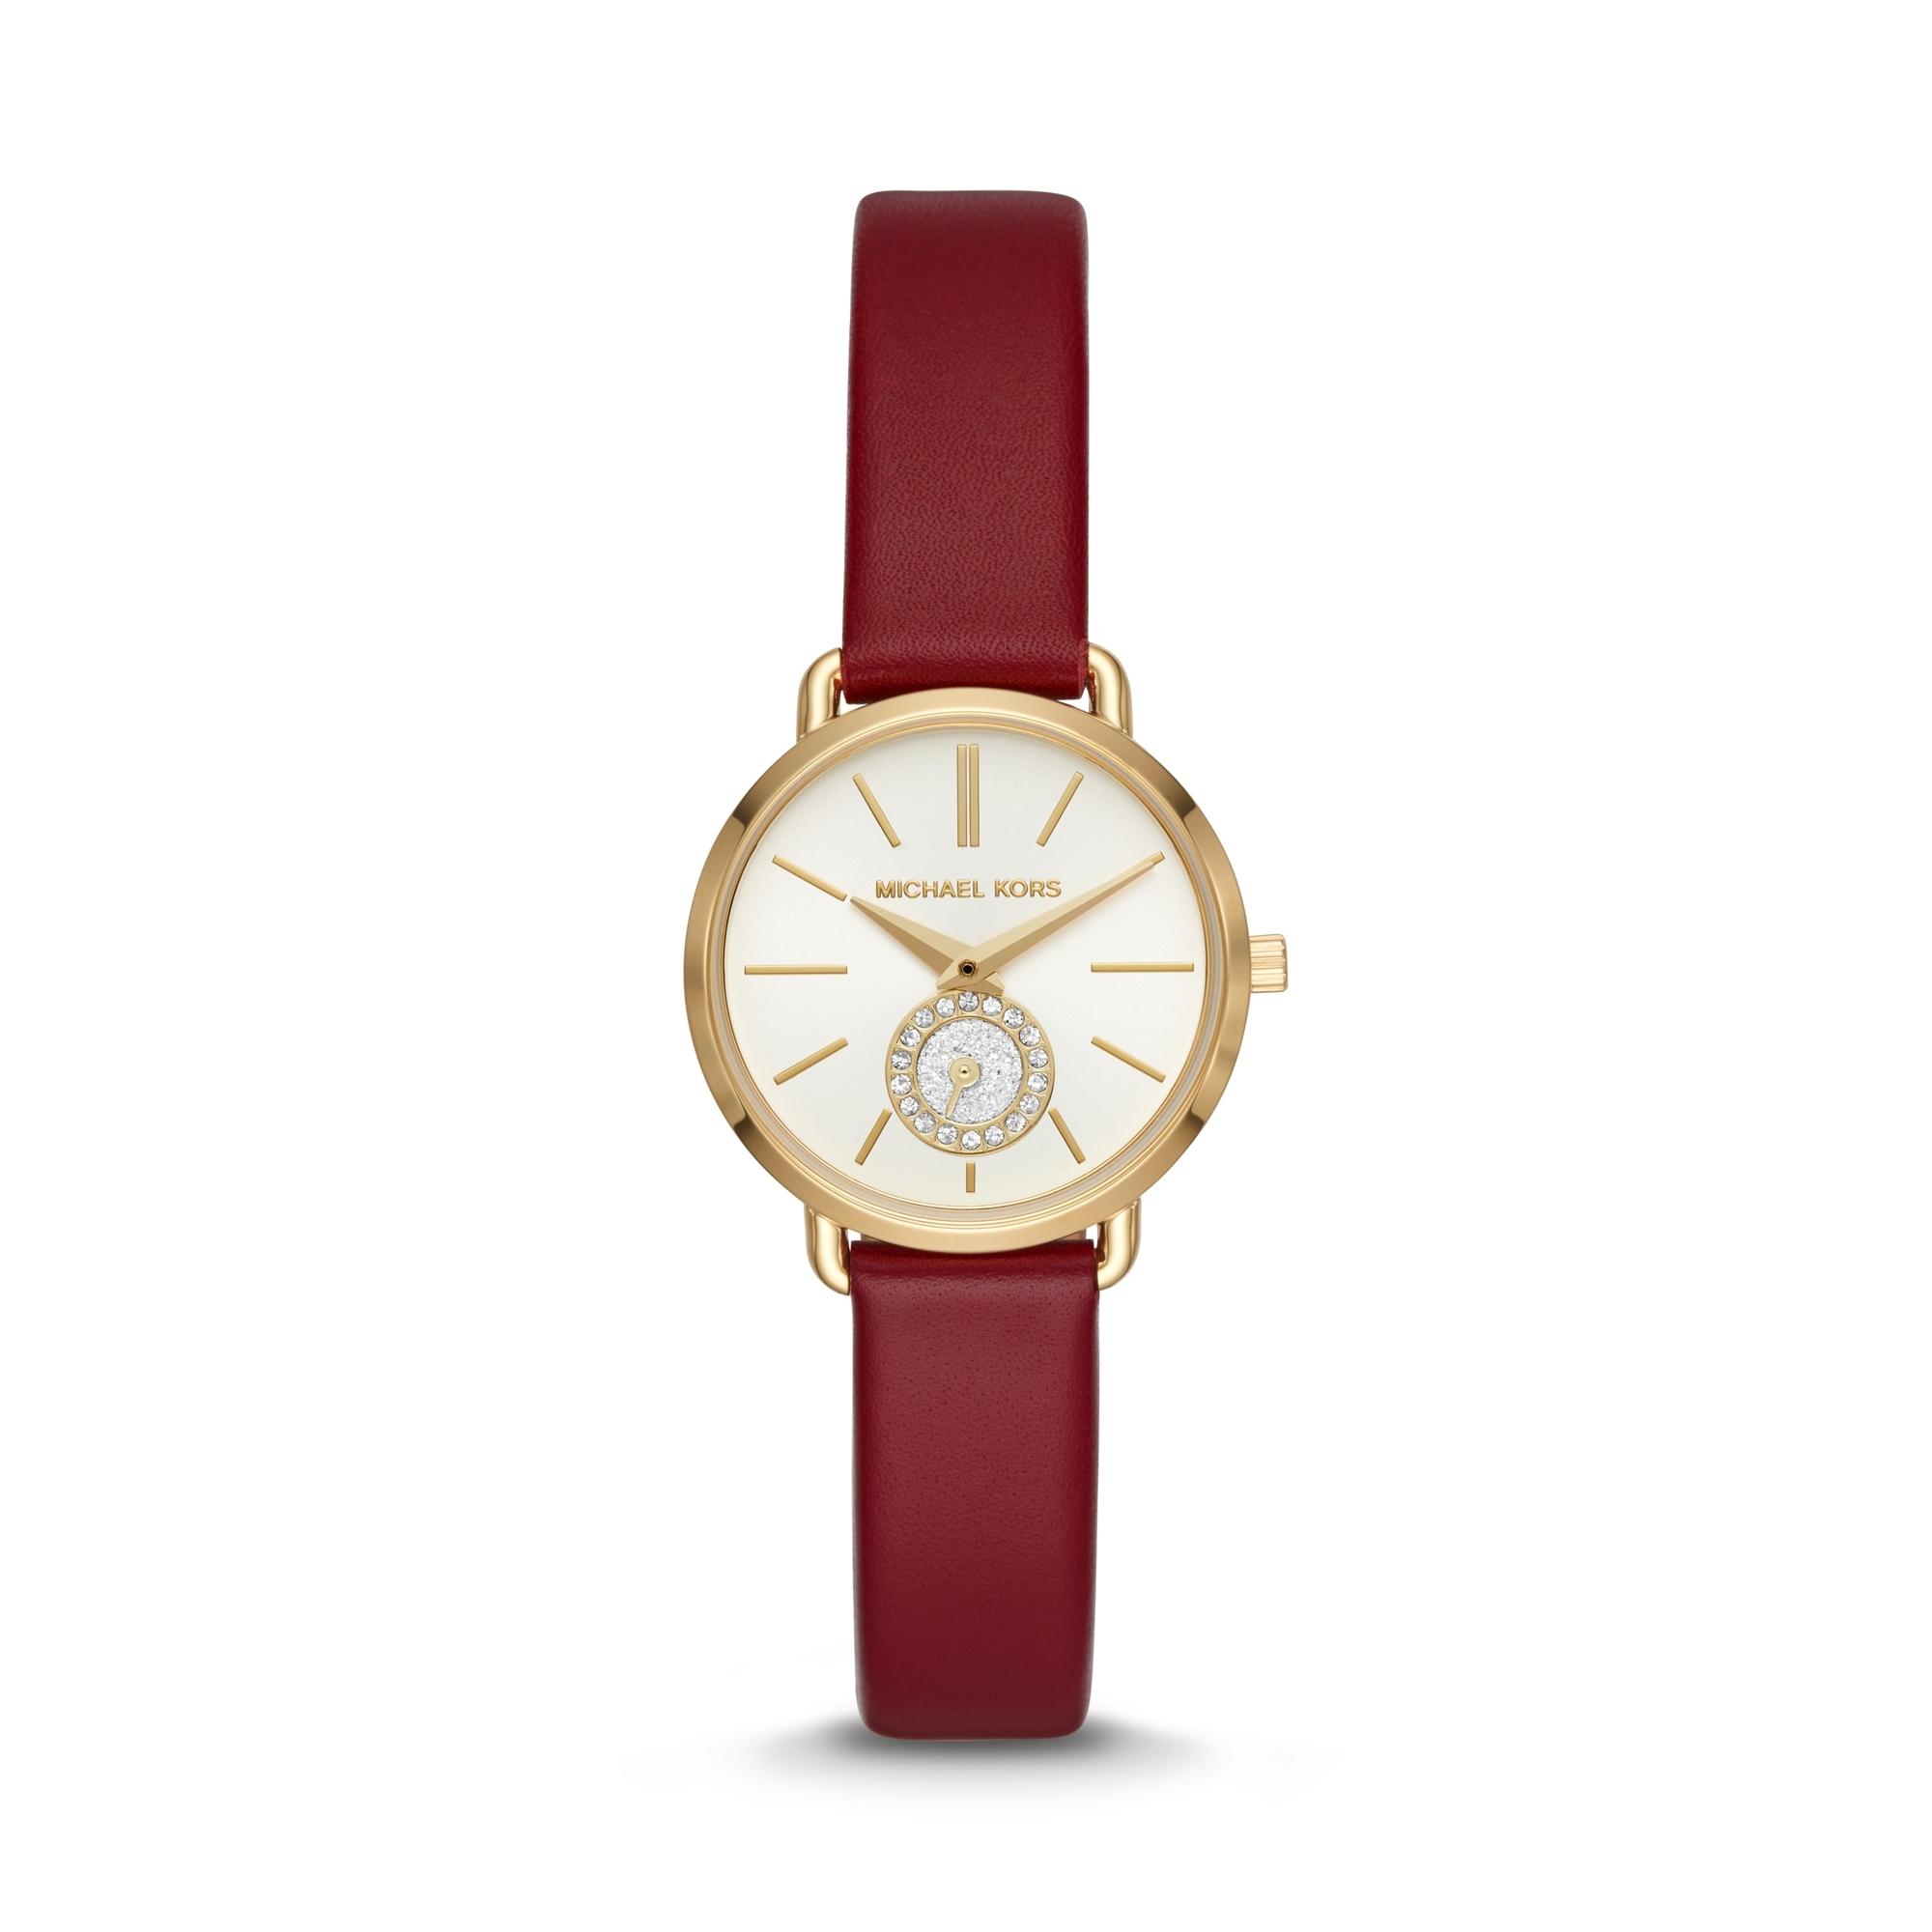 328cd02d3363 Yükle (2000x2000)Michael Kors MK2751 - купить наручные часы Michael Kors  PORTIA MK2751 в интернет-магазине по лучшей цене.Michael Kors MK2751 -  женские ...